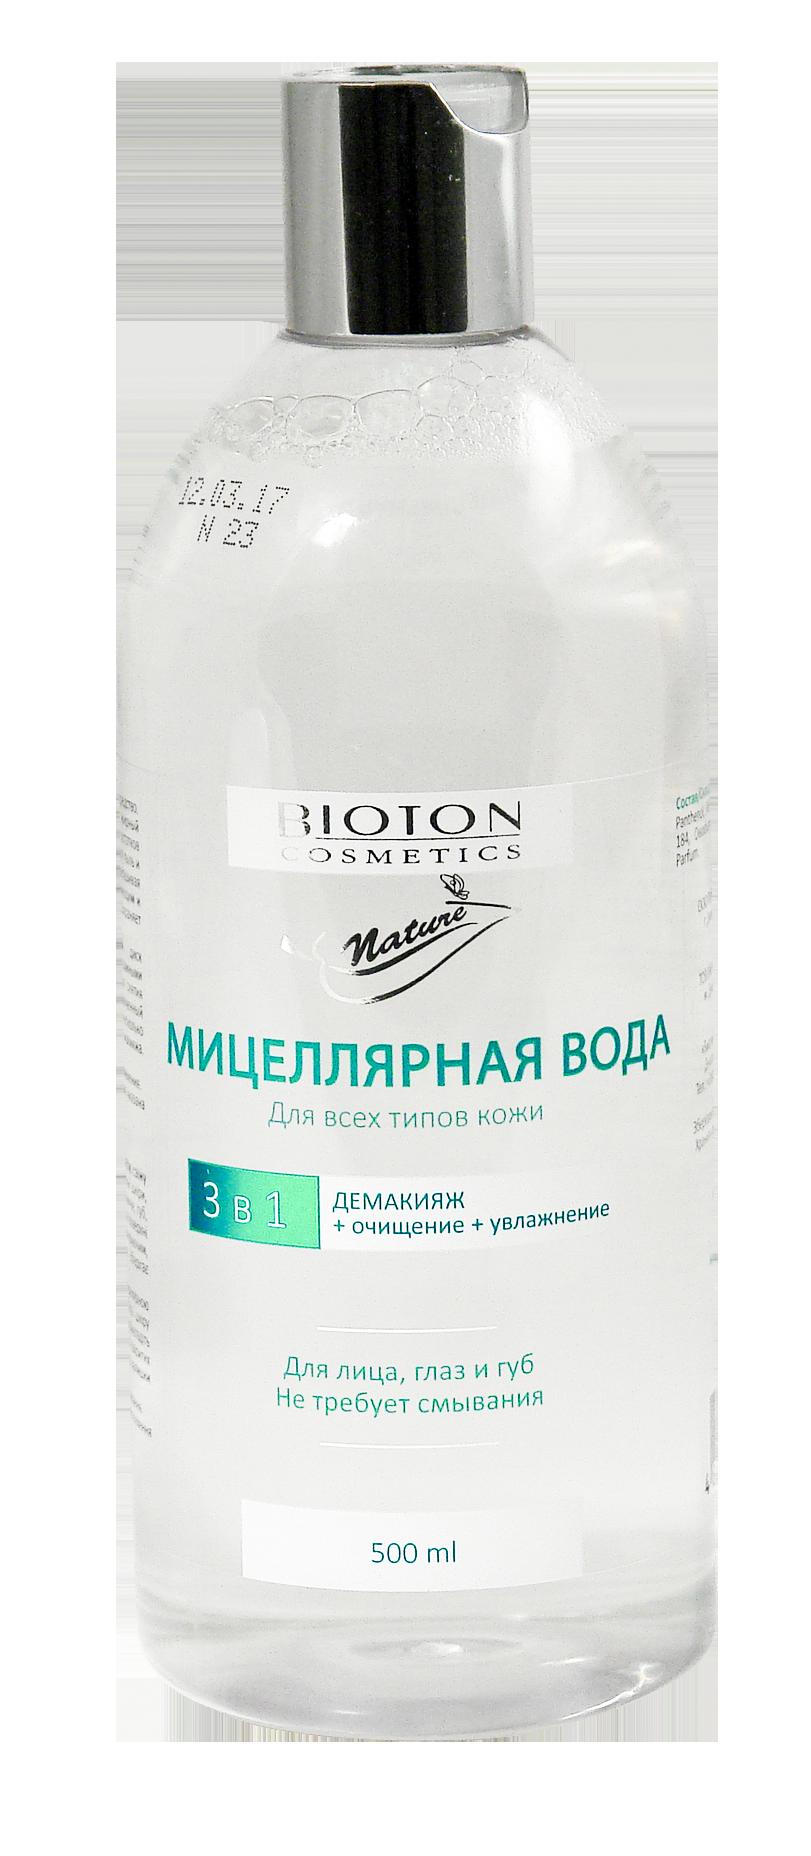 Мицеллярная вода для всех типов кожи 3в1 ТМ Nature 500мл